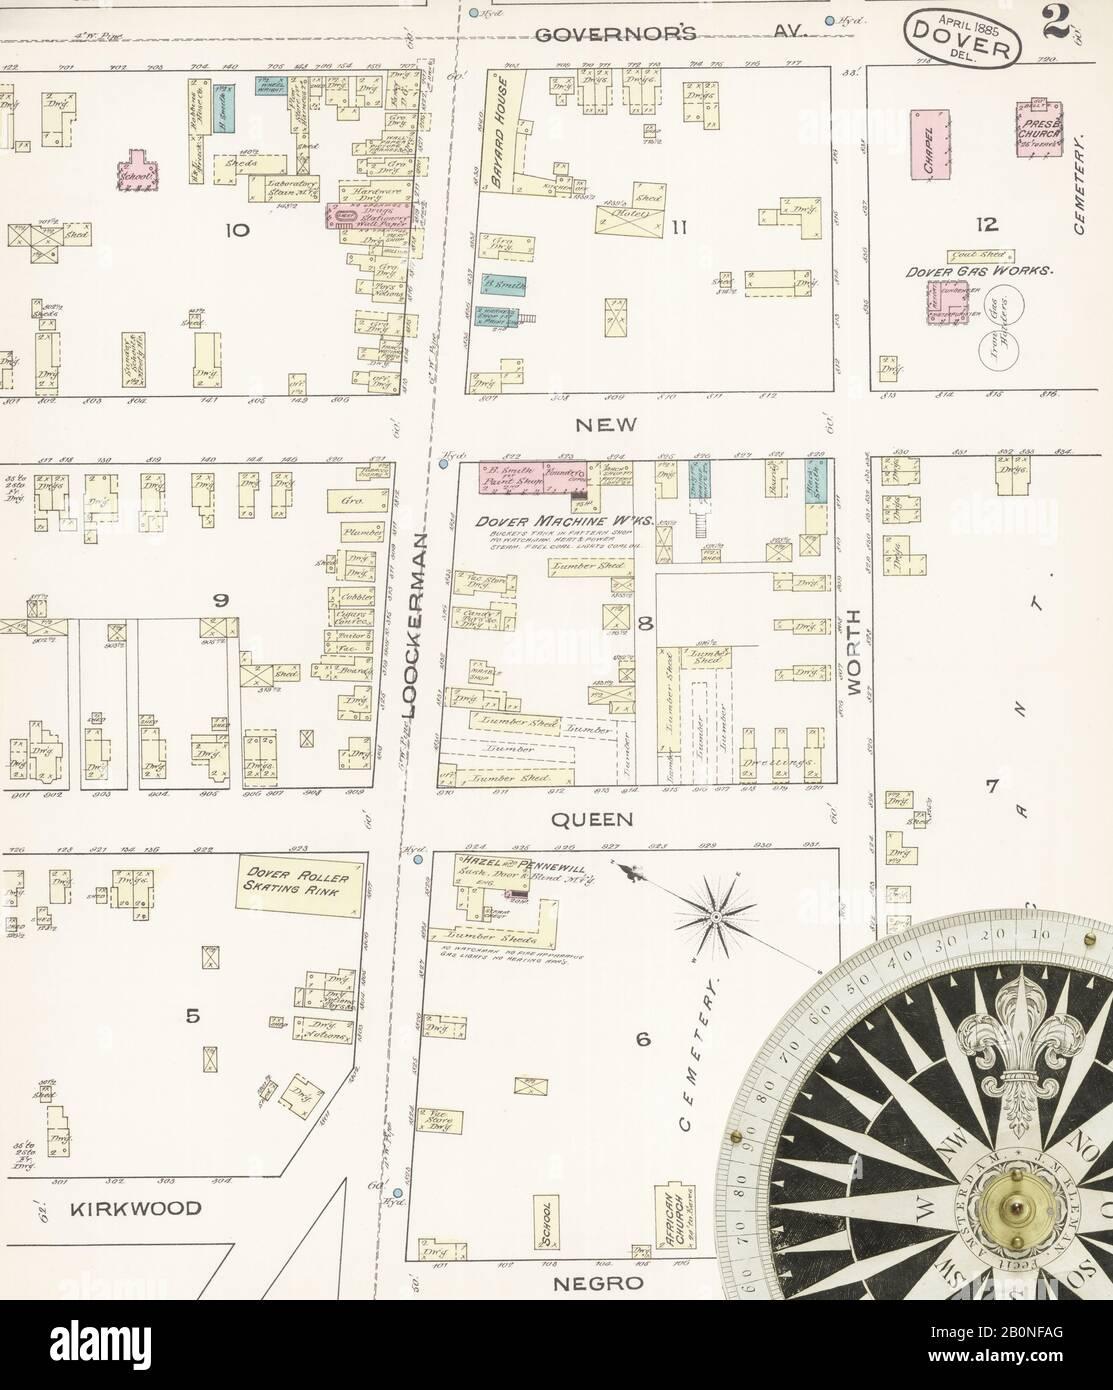 Imagen 2 De Sanborn Fire Insurance Map De Dover, Kent County, Delaware. Abr 1885. 4 Hoja(s), América, mapa de calles con una brújula del siglo Xix Foto de stock